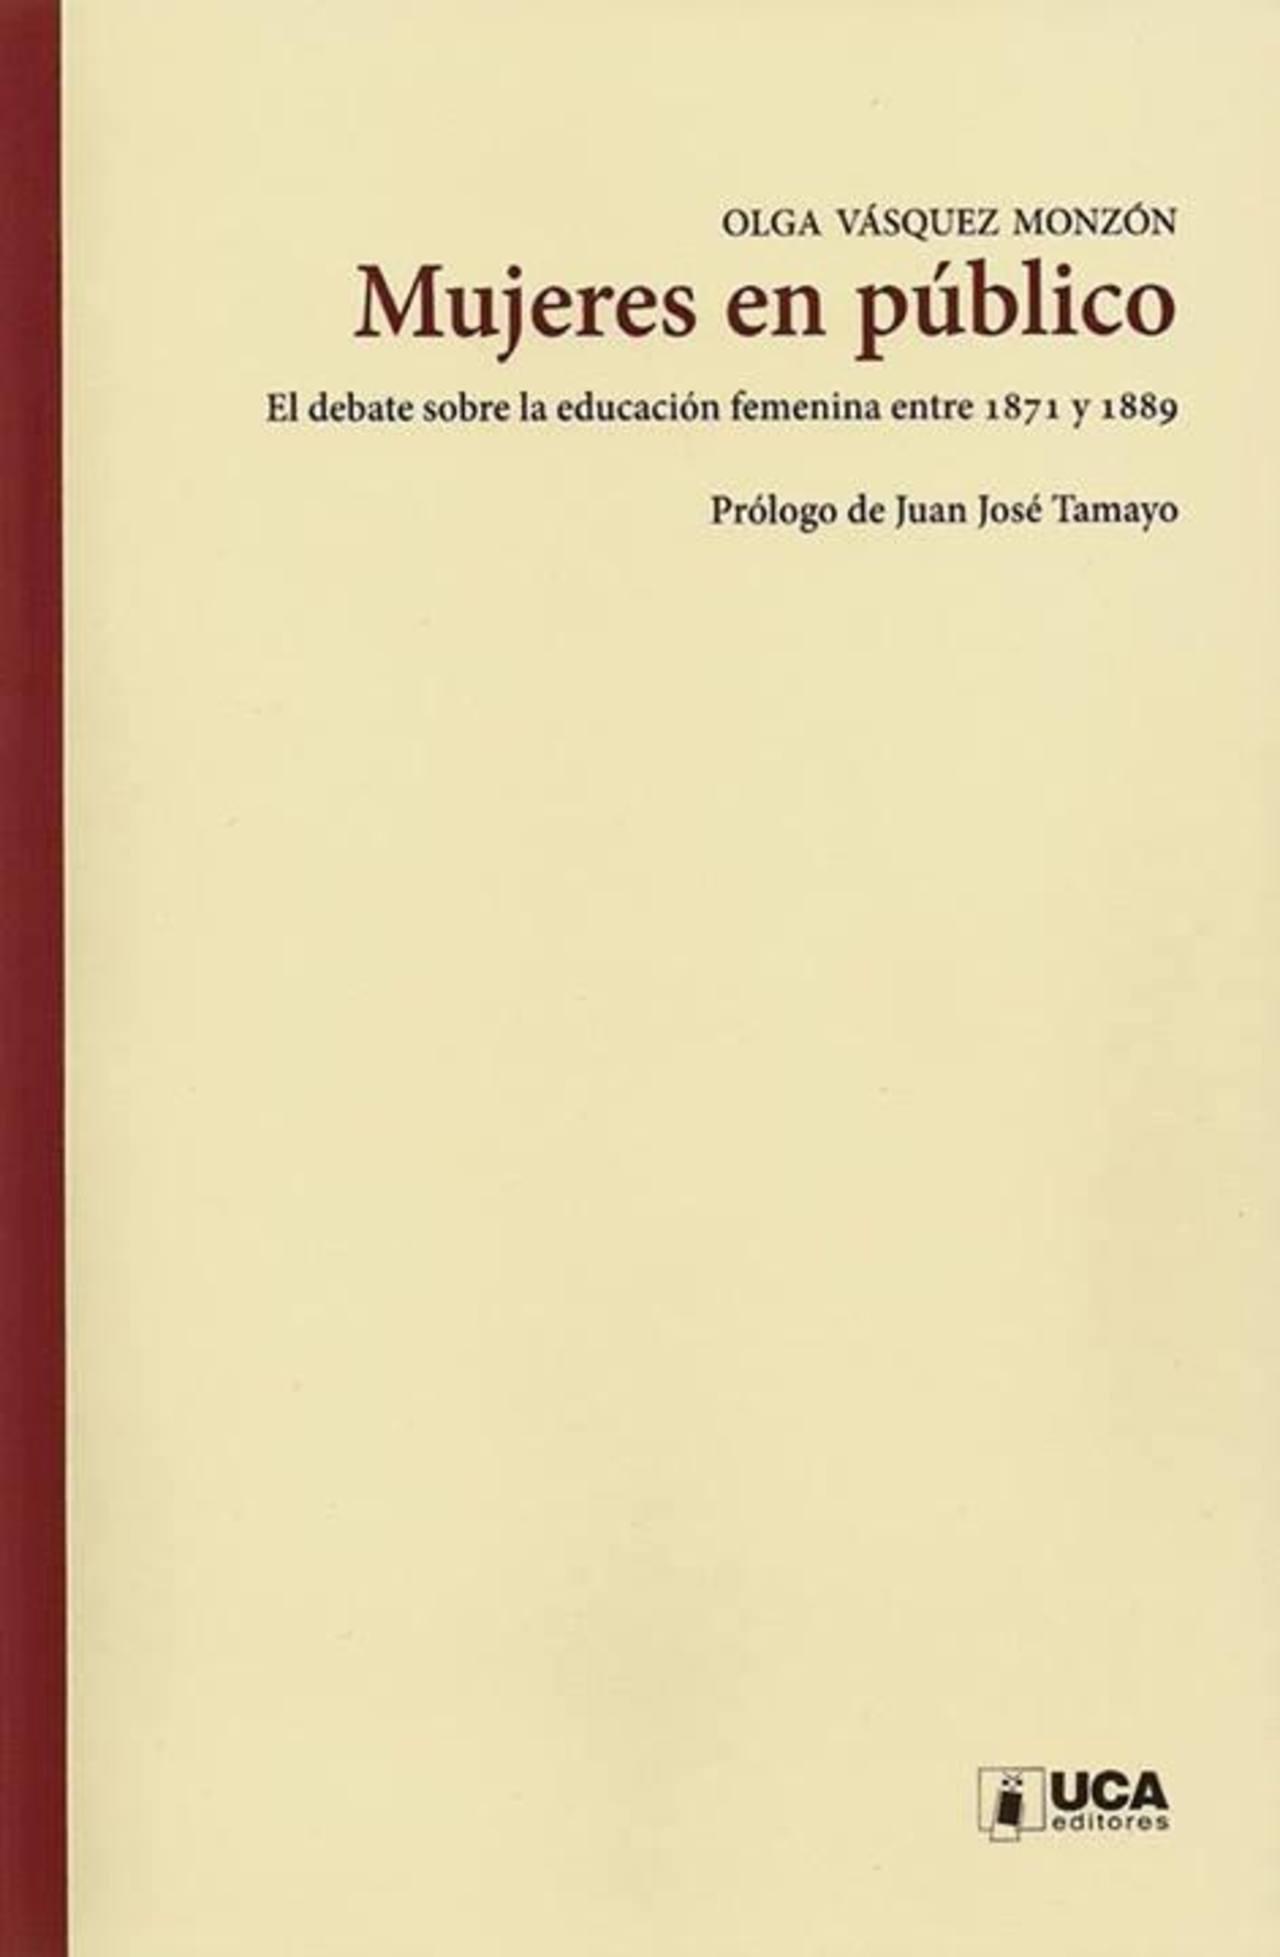 Olga Vásquez Monzón presenta libro sobre educación femenina en la UCA